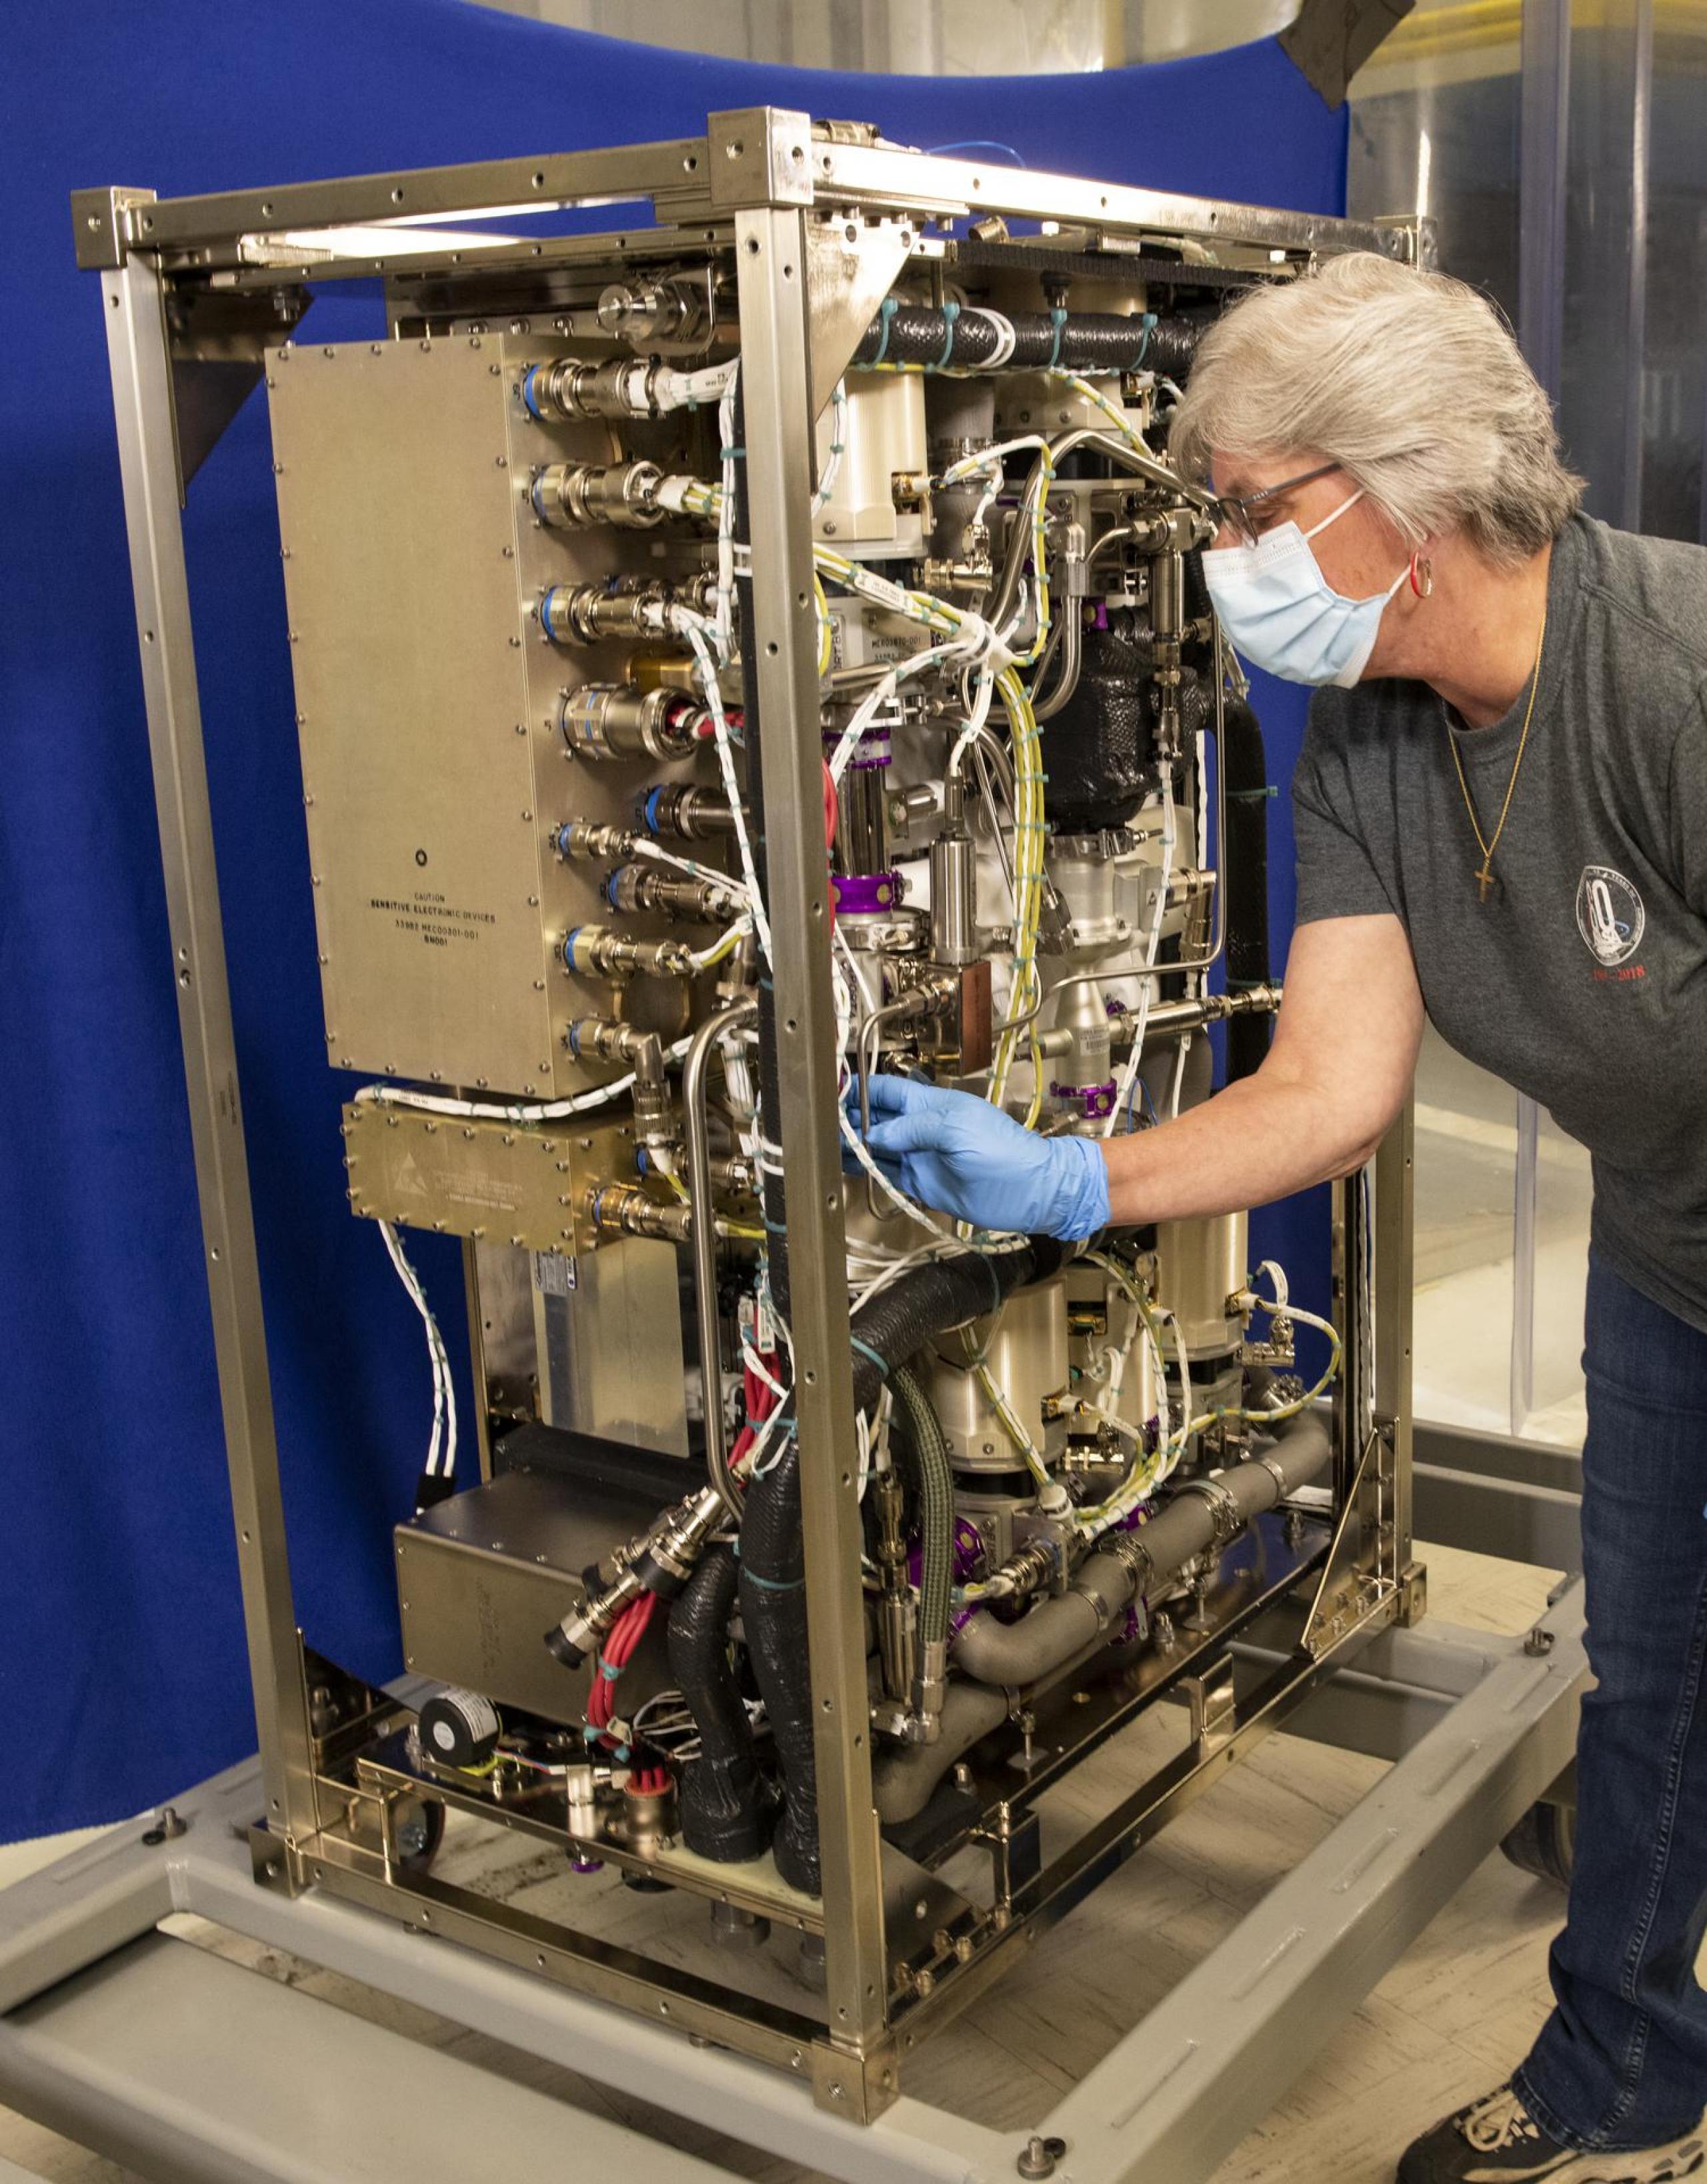 imagen de una ingeniera trabajando con hardware